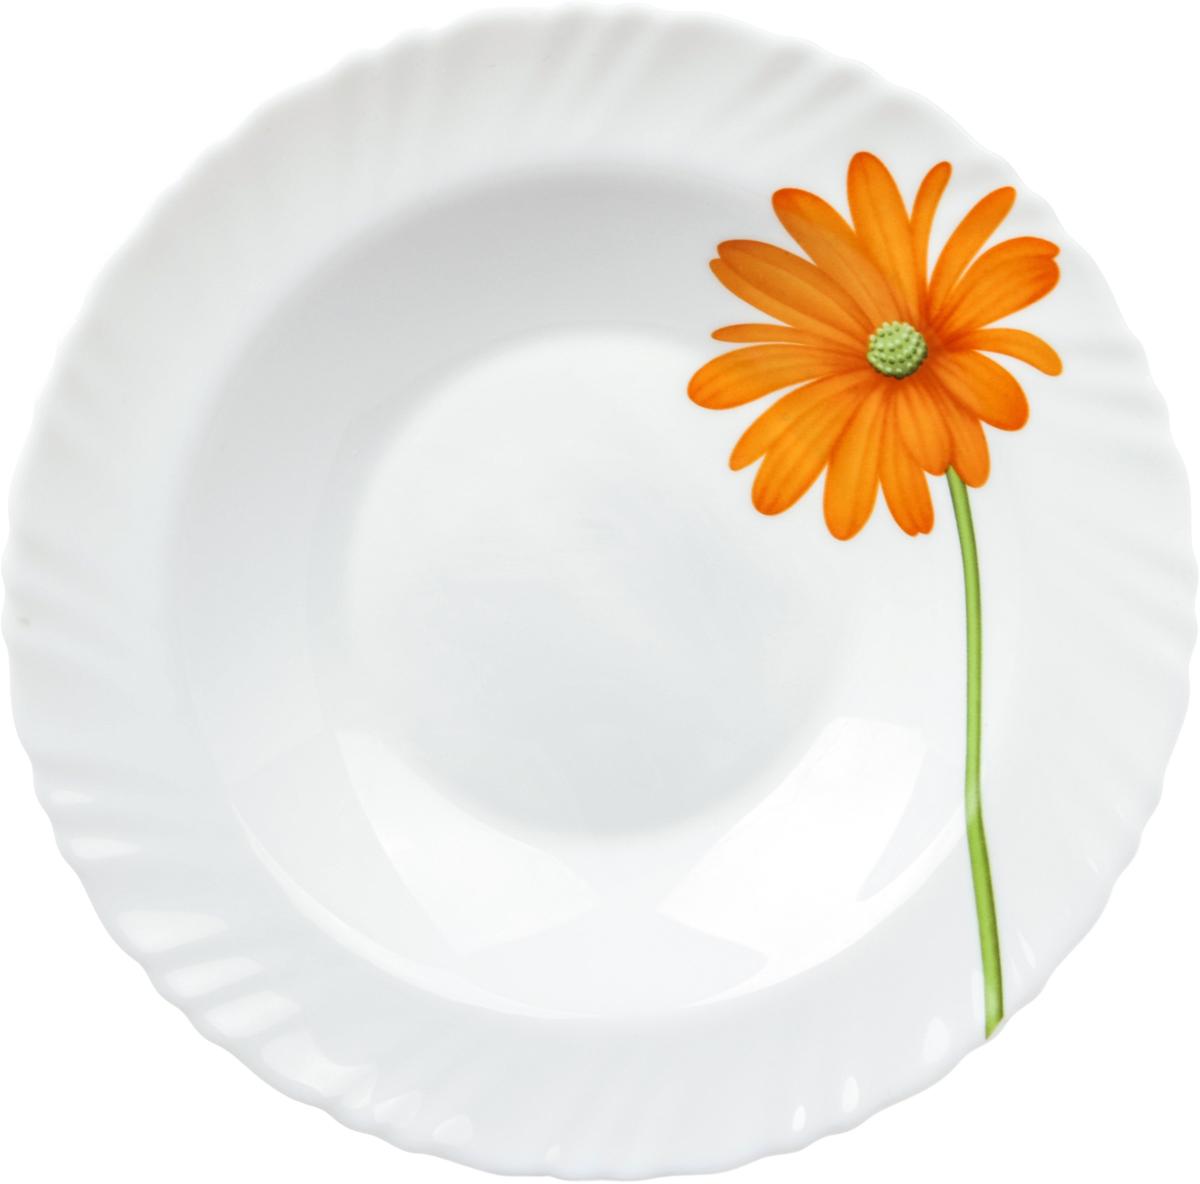 """Тарелка глубокая La Opala """"Гербера"""" выполнена из опалового стекла. Посуда из опалового стекла обладает рядом преимуществ по сравнению с традиционной посудой из обычного стекла или фарфора.  Она очень легкая и гигиенически чистая благодаря отсутствию пор.  Обладает повышенной устойчивостью:  - к температурному шоку: поверхность стекла не будет лопаться из-за внезапных перепадов температуры;  - к ударам: в несколько раз крепче стандартного стекла;  - к износу: имеет высокую износоустойчивость. Именно поэтому опаловое стекло не боится царапин, обладает повышенной ударопрочностью. Посуду из опалового стекла можно мыть в посудомоечных машинах и готовить в нем пищу в микроволновой печи.  Опаловое стекло необычайно яркое. На гладкую поверхность посуды из опалового стекла отлично наносятся декоративные краски.  Физико-химический состав опалового стекла позволяет краскам переливаться, из-за чего создаются сверкающие оттенки а-ля опал."""